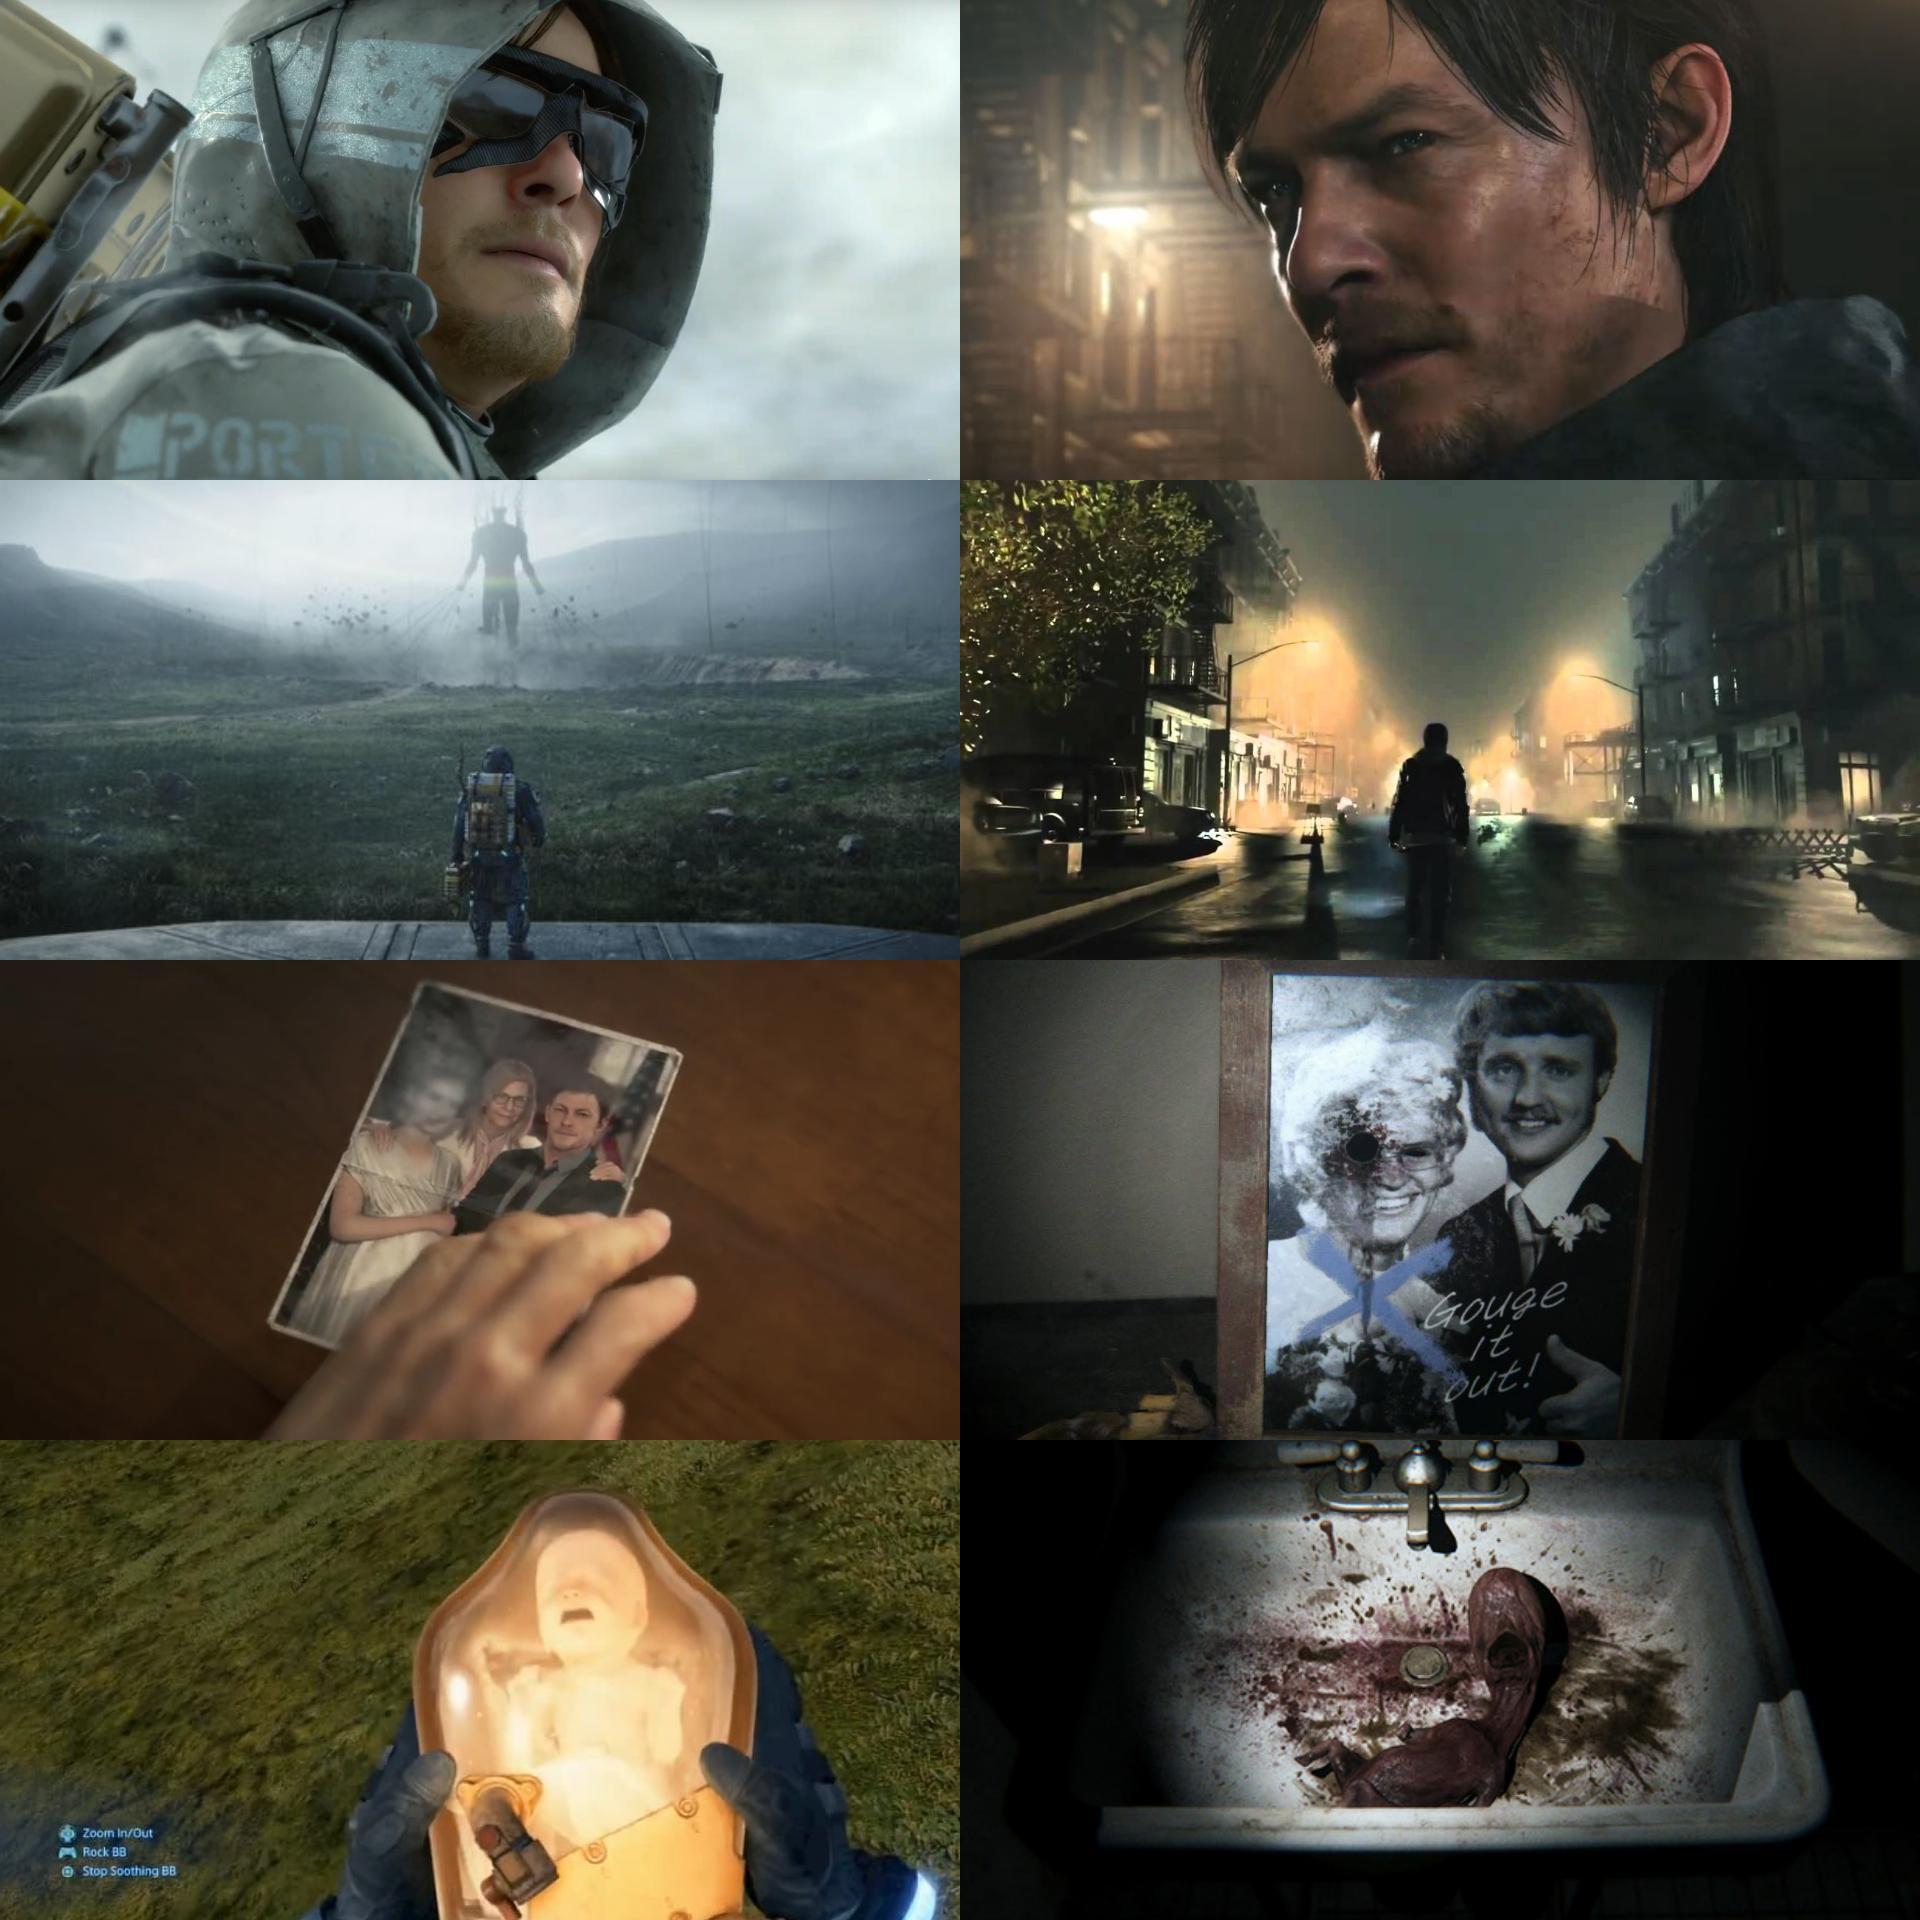 3 9 - 『デス・ストランディング』はゲームの歴史上最高峰の出来」 と、海外メディアは語る 小島監督すげぇ…